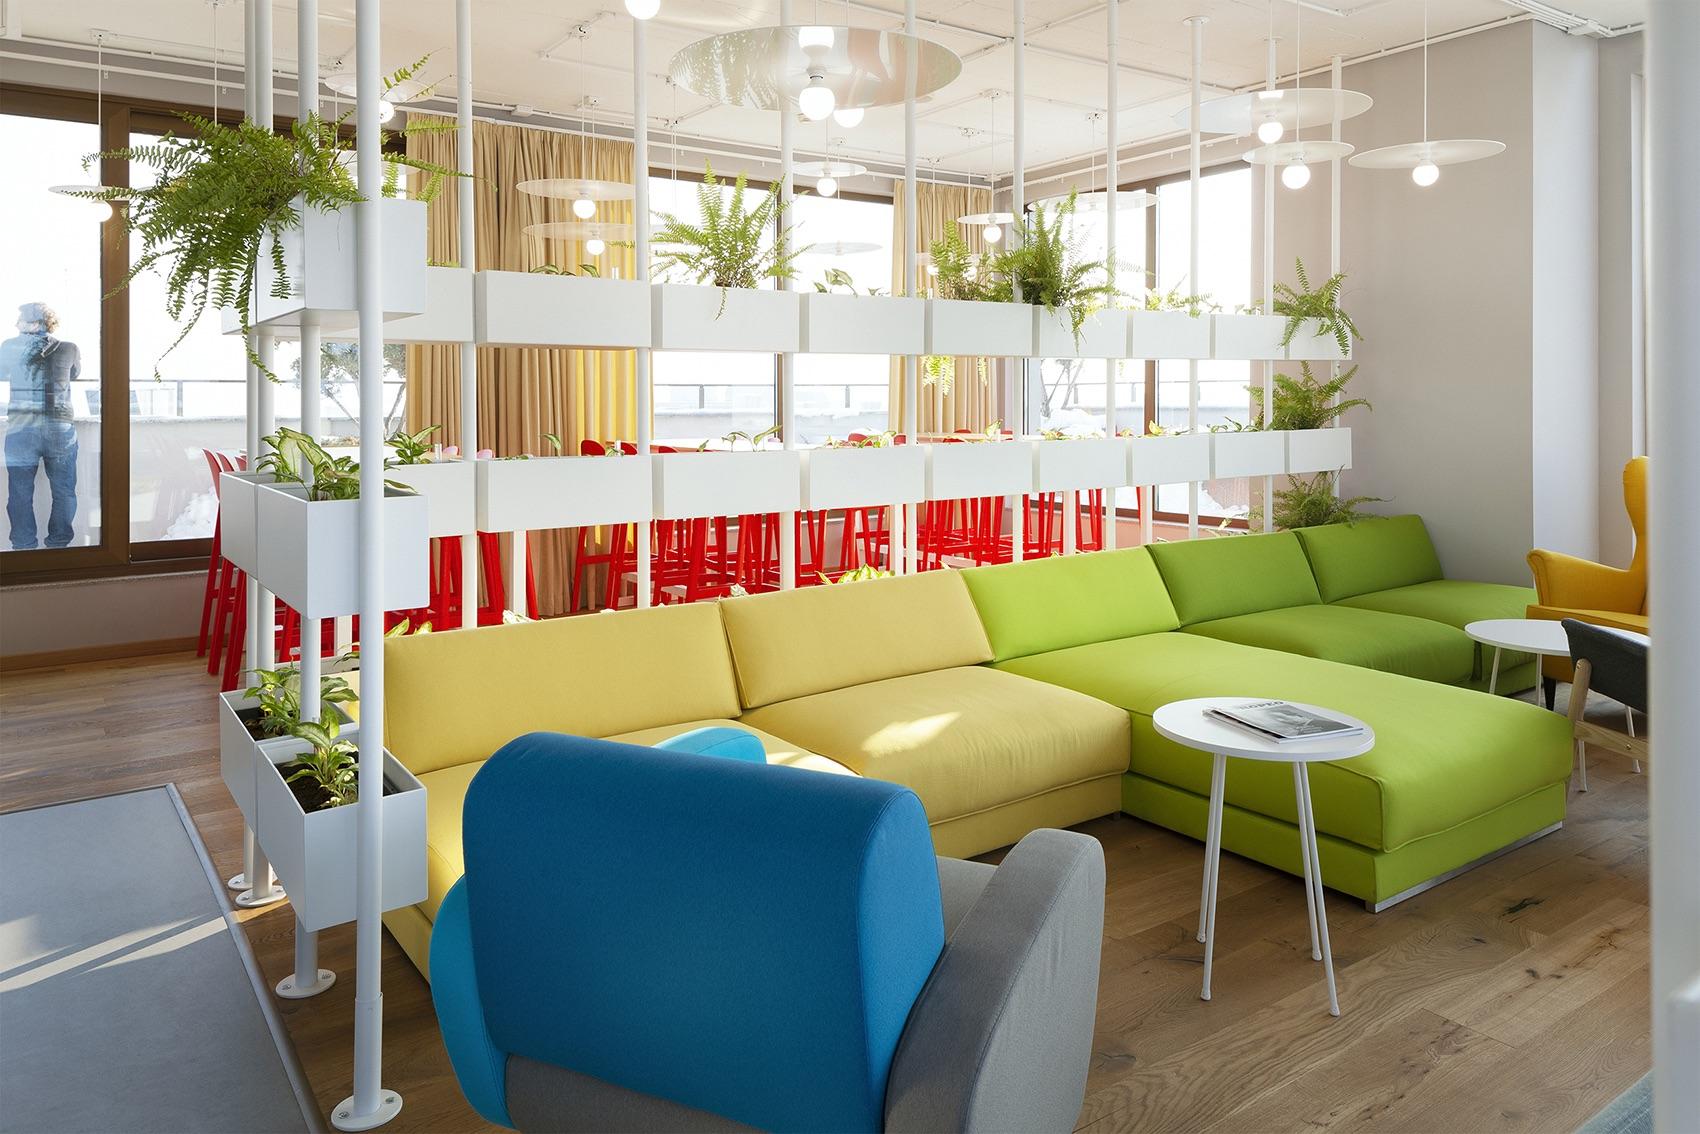 cache-atelier-interior-design-office-space-accedia-bulgaria-sofia_25